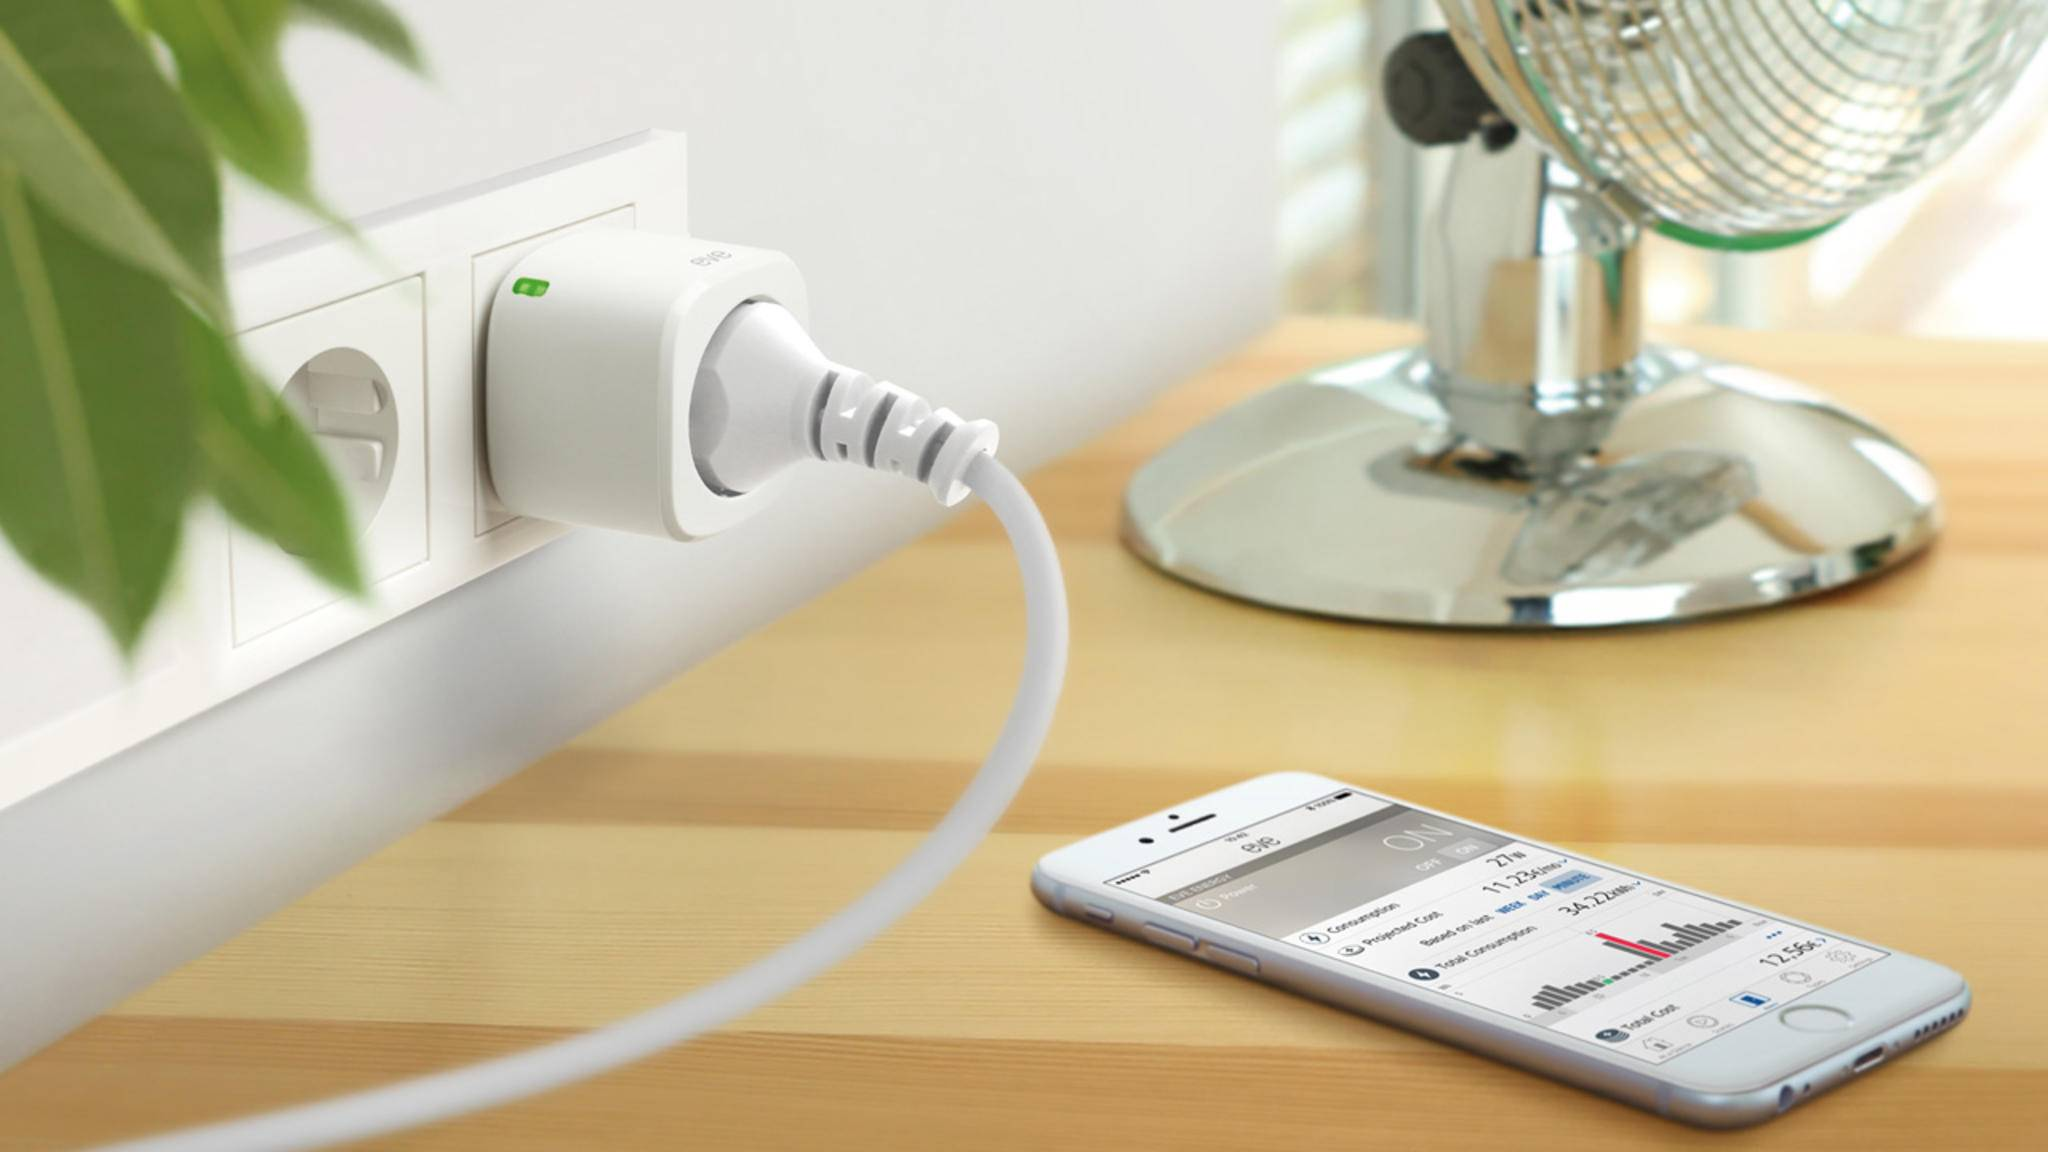 Mit jedem Eve-Produkt sollst Du Dein Zuhause ein Stück smarter machen können.